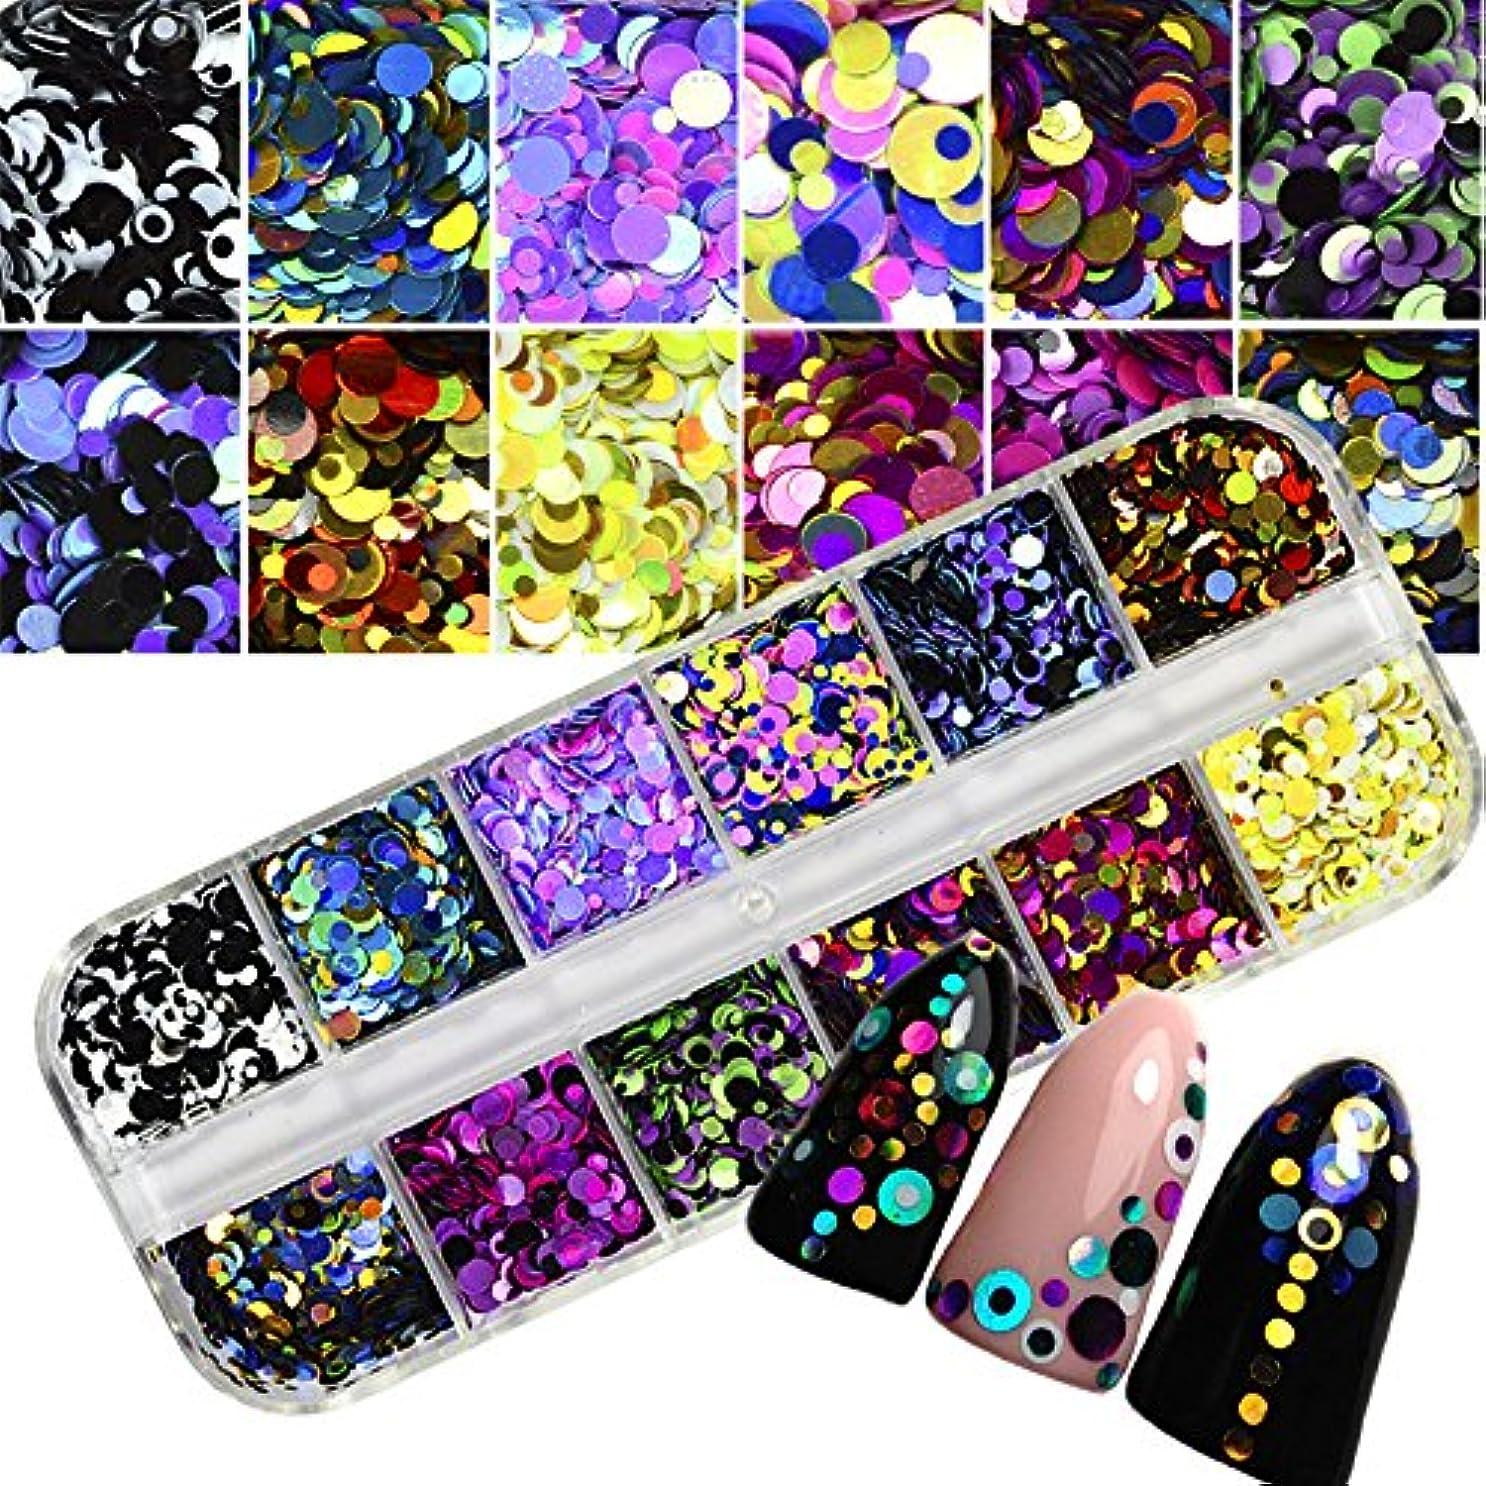 モジュール囲いフォーマル1 Set Dazzling Round Nail Glitter Sequins Dust Mixed 12 Grids 1/2/3mm DIY Charm Polish Flakes Decorations Manicure...